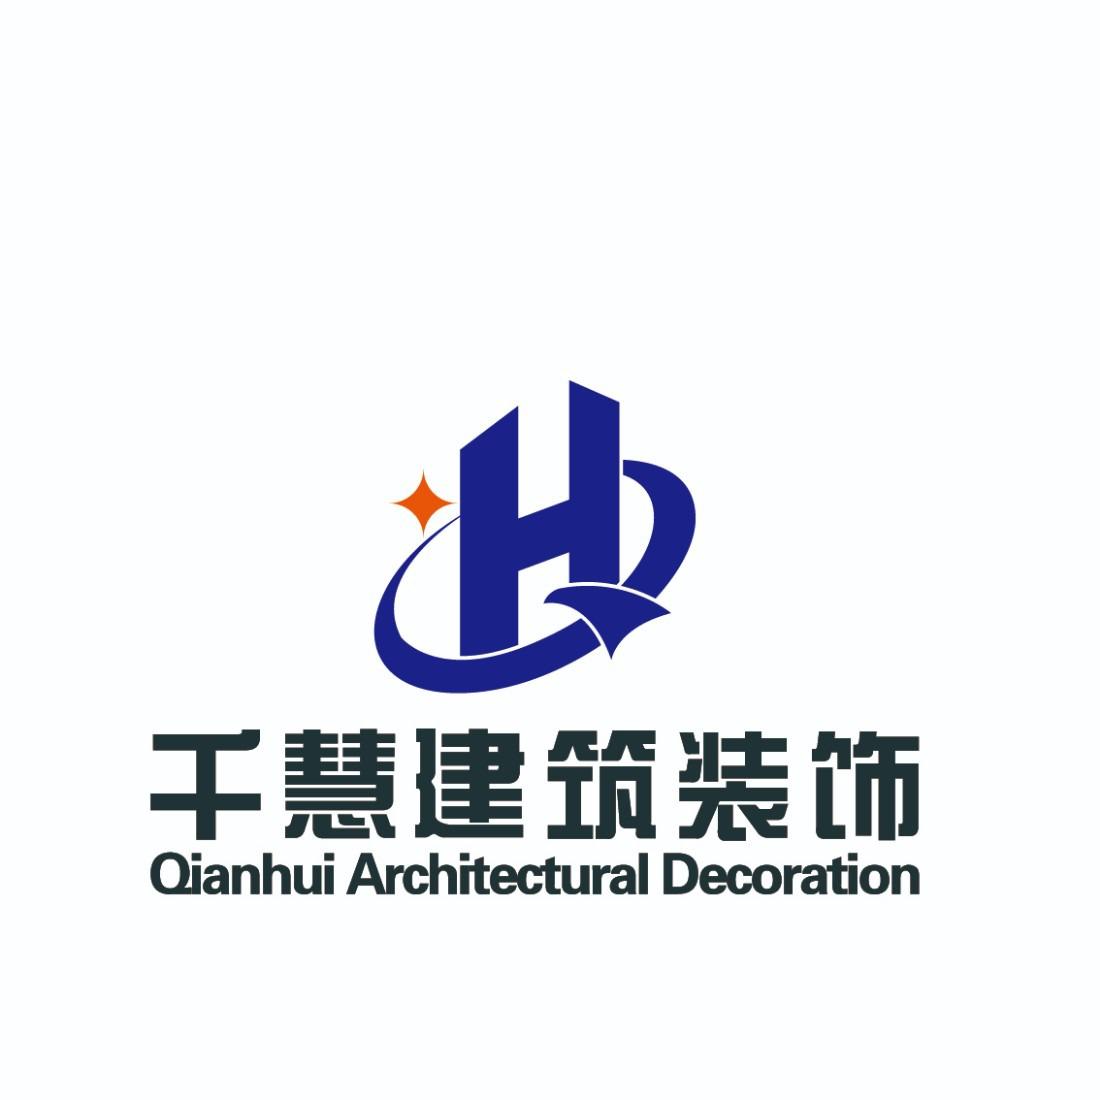 廣東千慧建筑裝飾設計工程有限公司